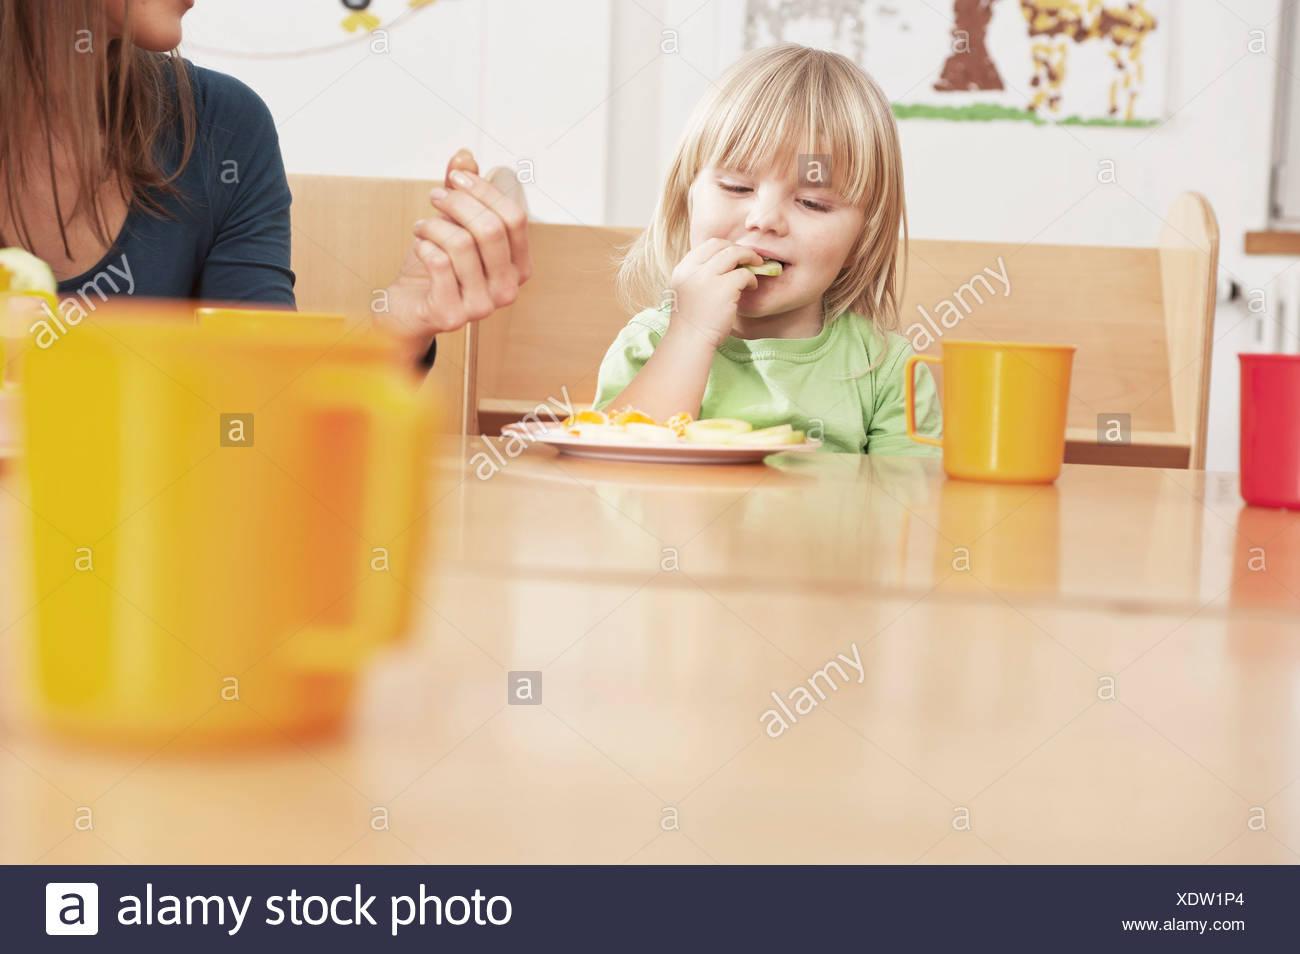 Girl and Female Carer Eating At Table, Kottgeisering, Bavaria, Germany, Europe - Stock Image